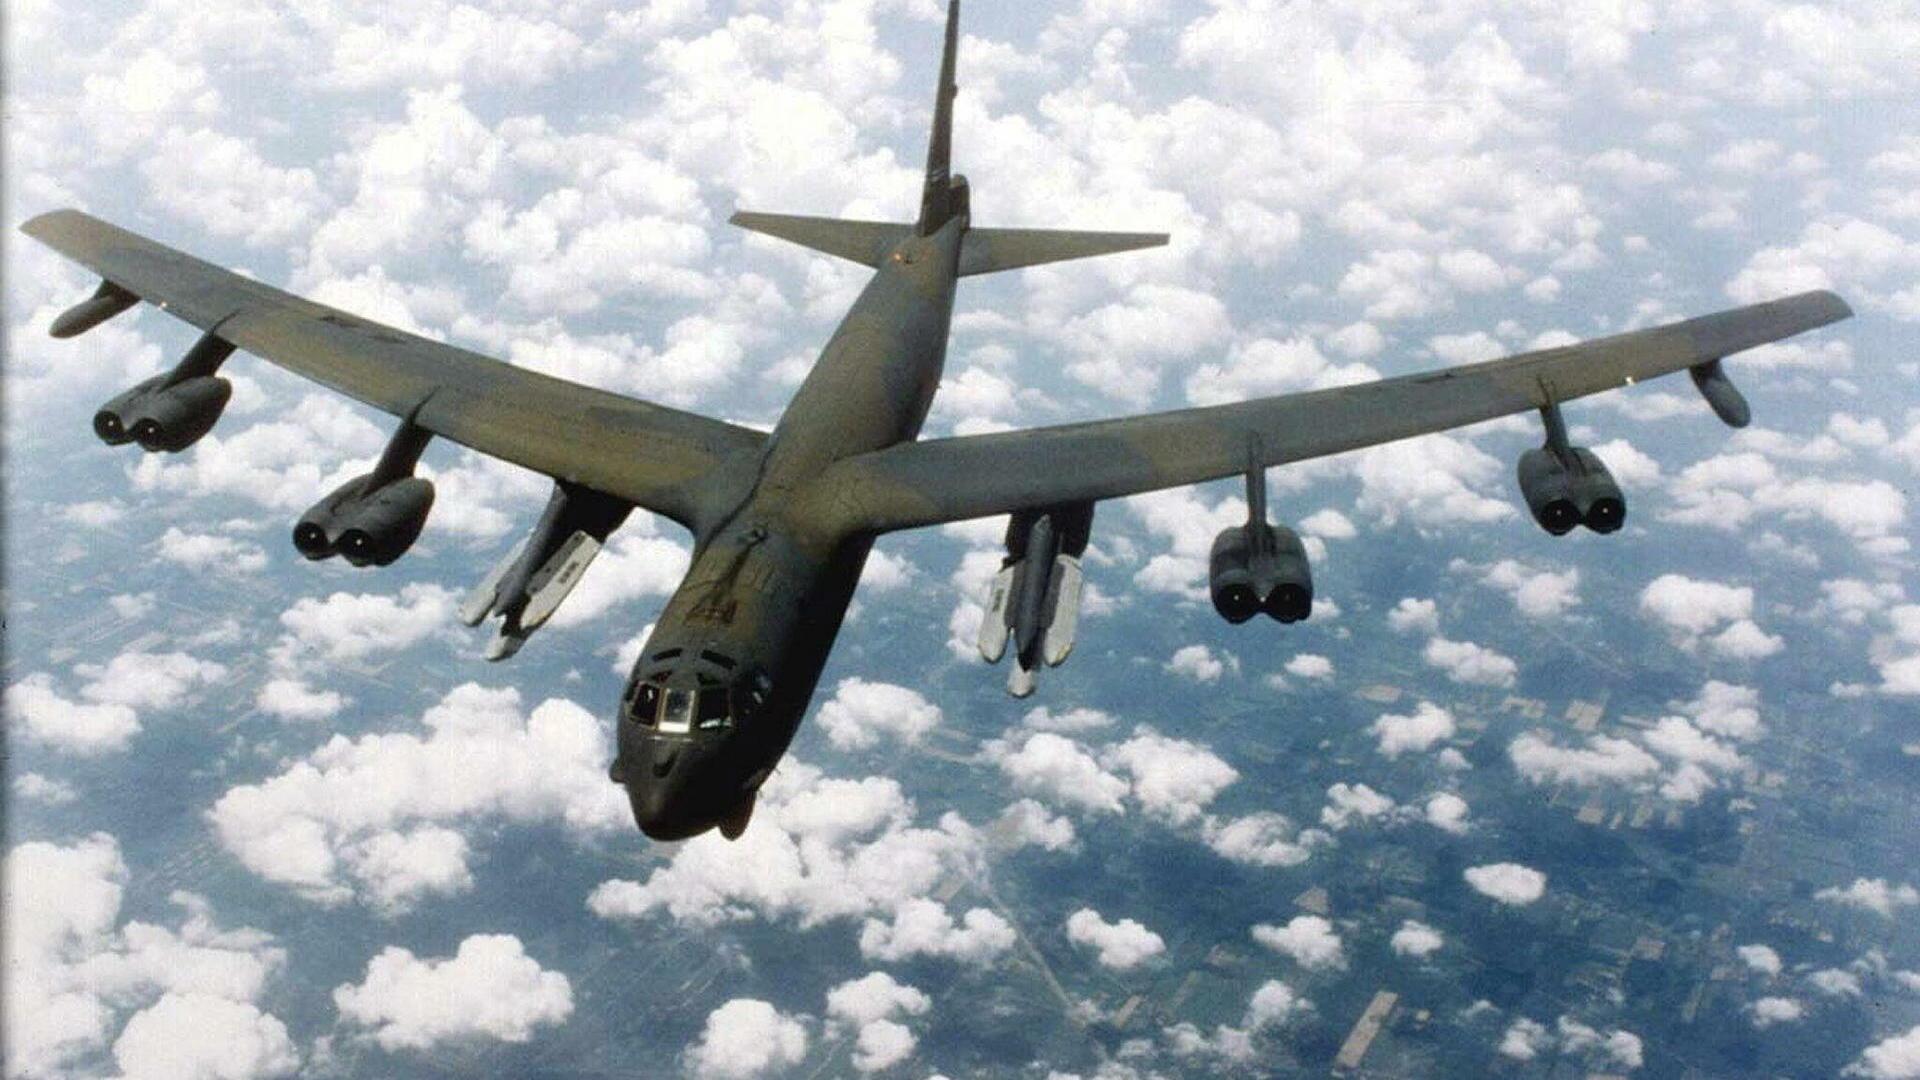 Risiko wächst: USA setzen auf Bomber-Diplomatie gegenüber China